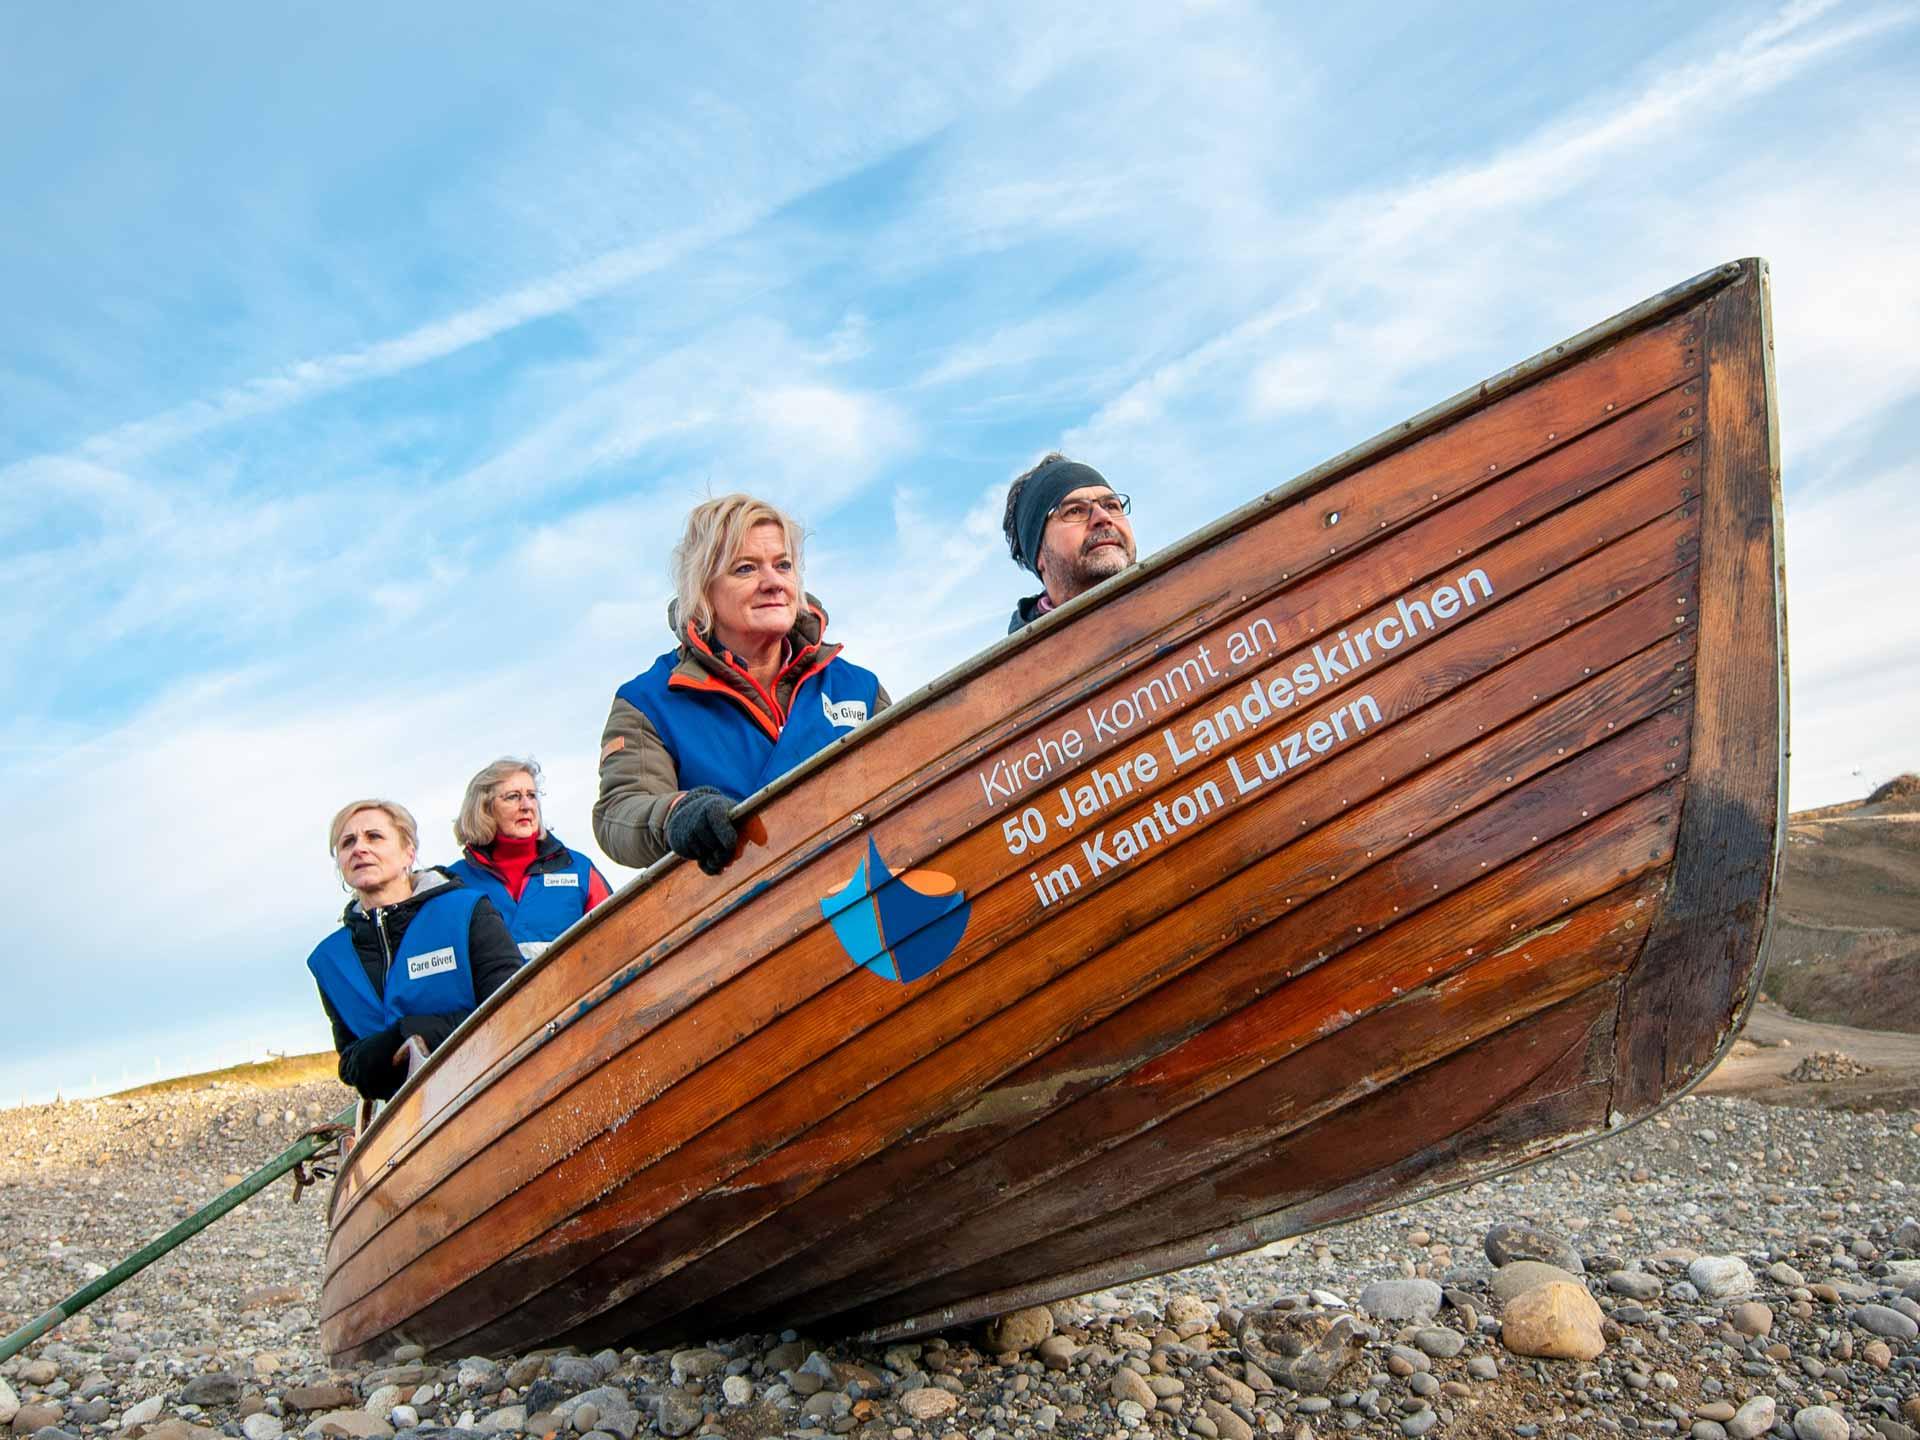 Wie ein Rettungsboot: Die Notfallseelsorge, sinnbildlich fotografiert vor einem Jahr aus Anlass des Landeskirchen-Jubiläumsjahrs. | © 2020 Thomas Stucki